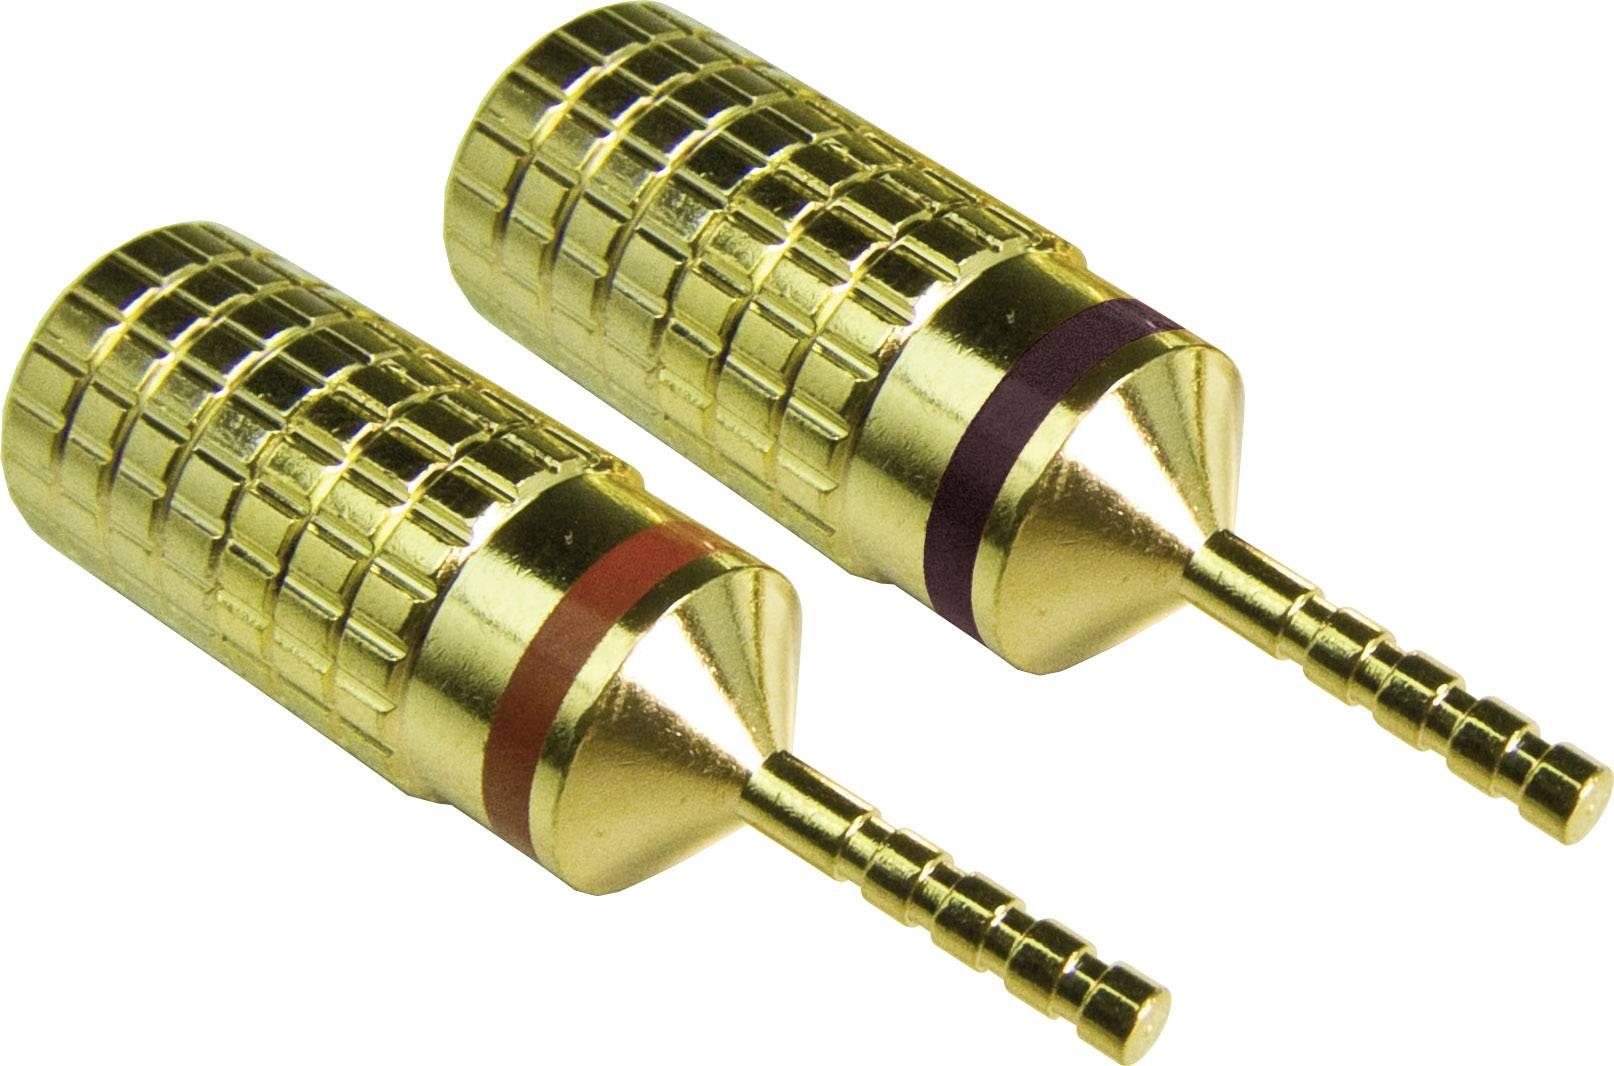 Konektor reproduktoru, zástrčka rovná, 1pól., 2 ks, zlatá